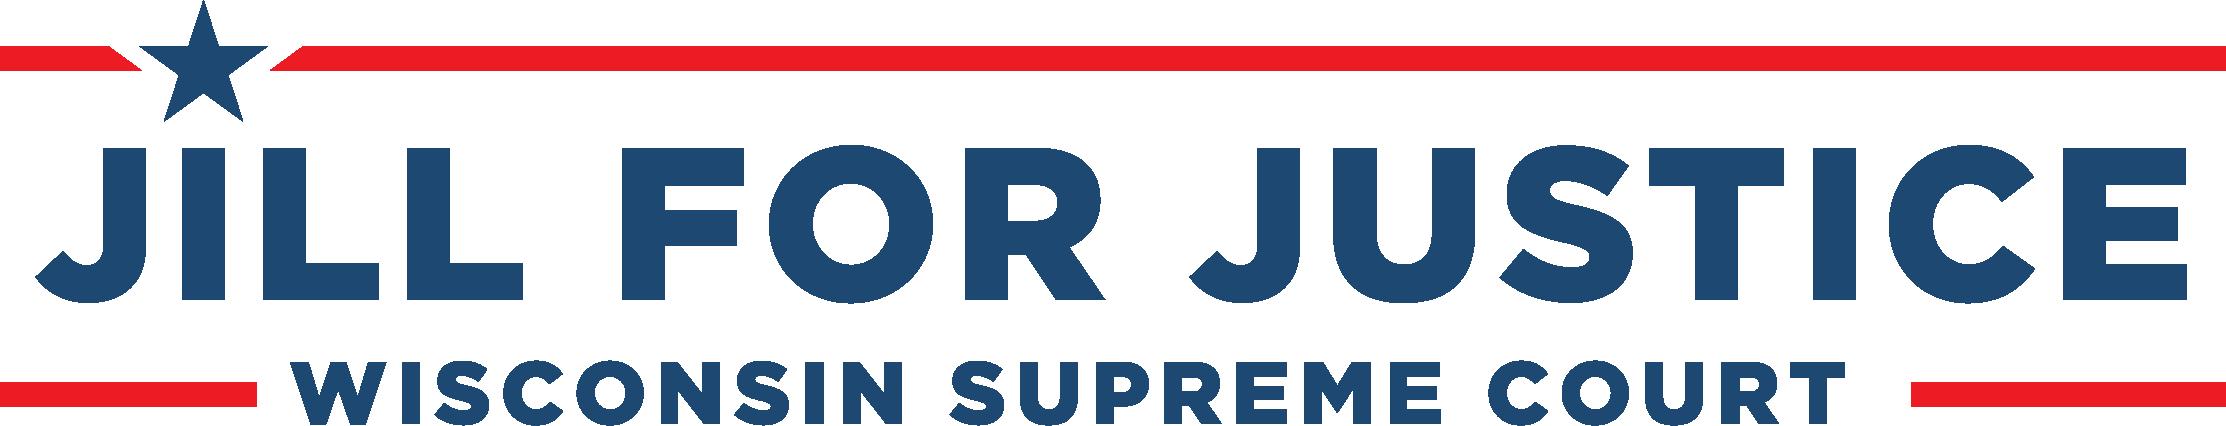 JillforJustice-Logo-Horz-JillForJustice-Final-Color.png